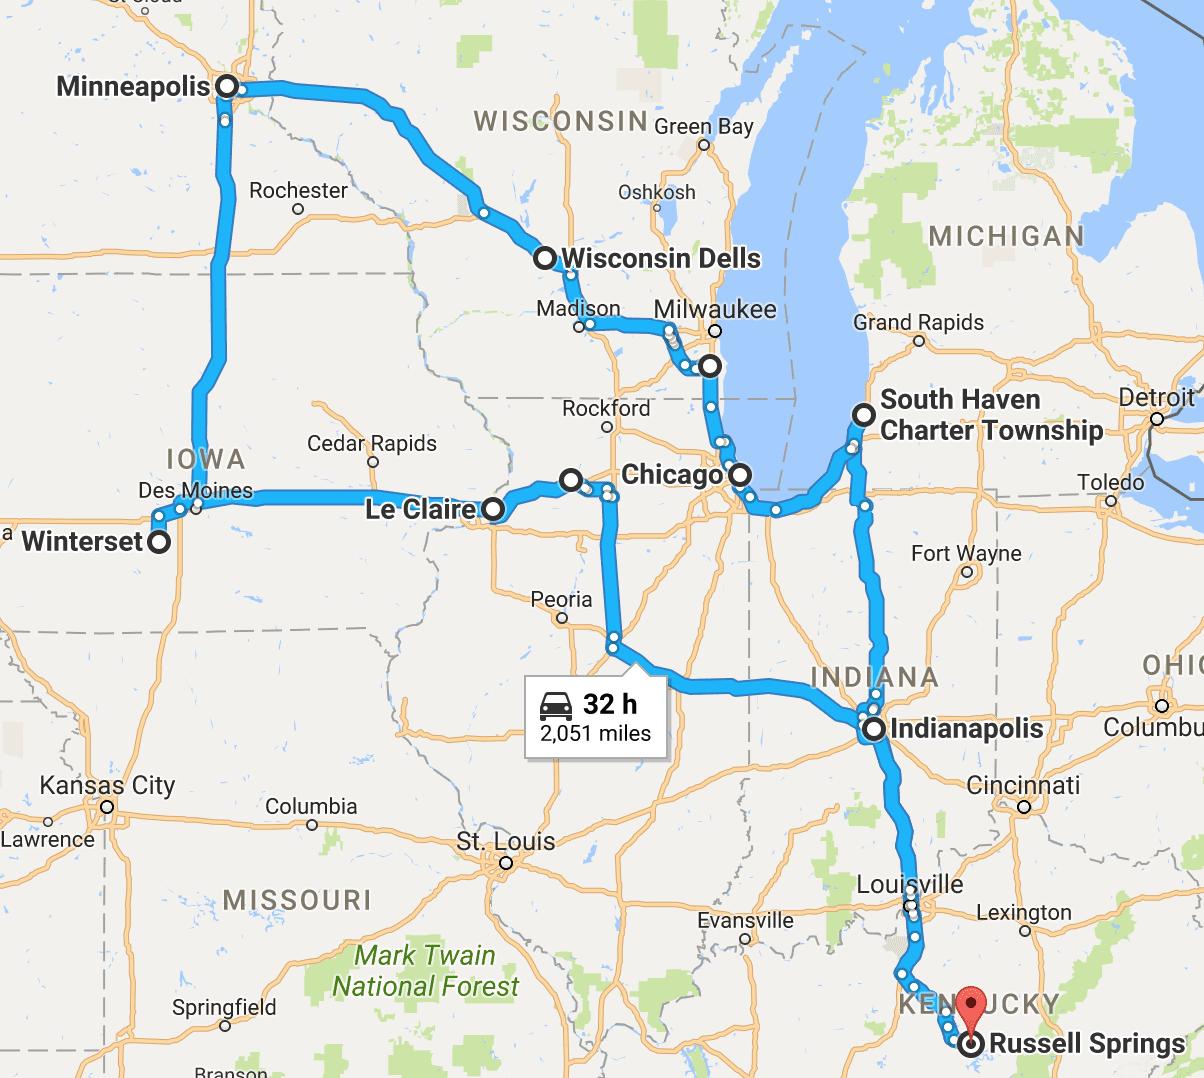 Midwest Fall Break Road Trip